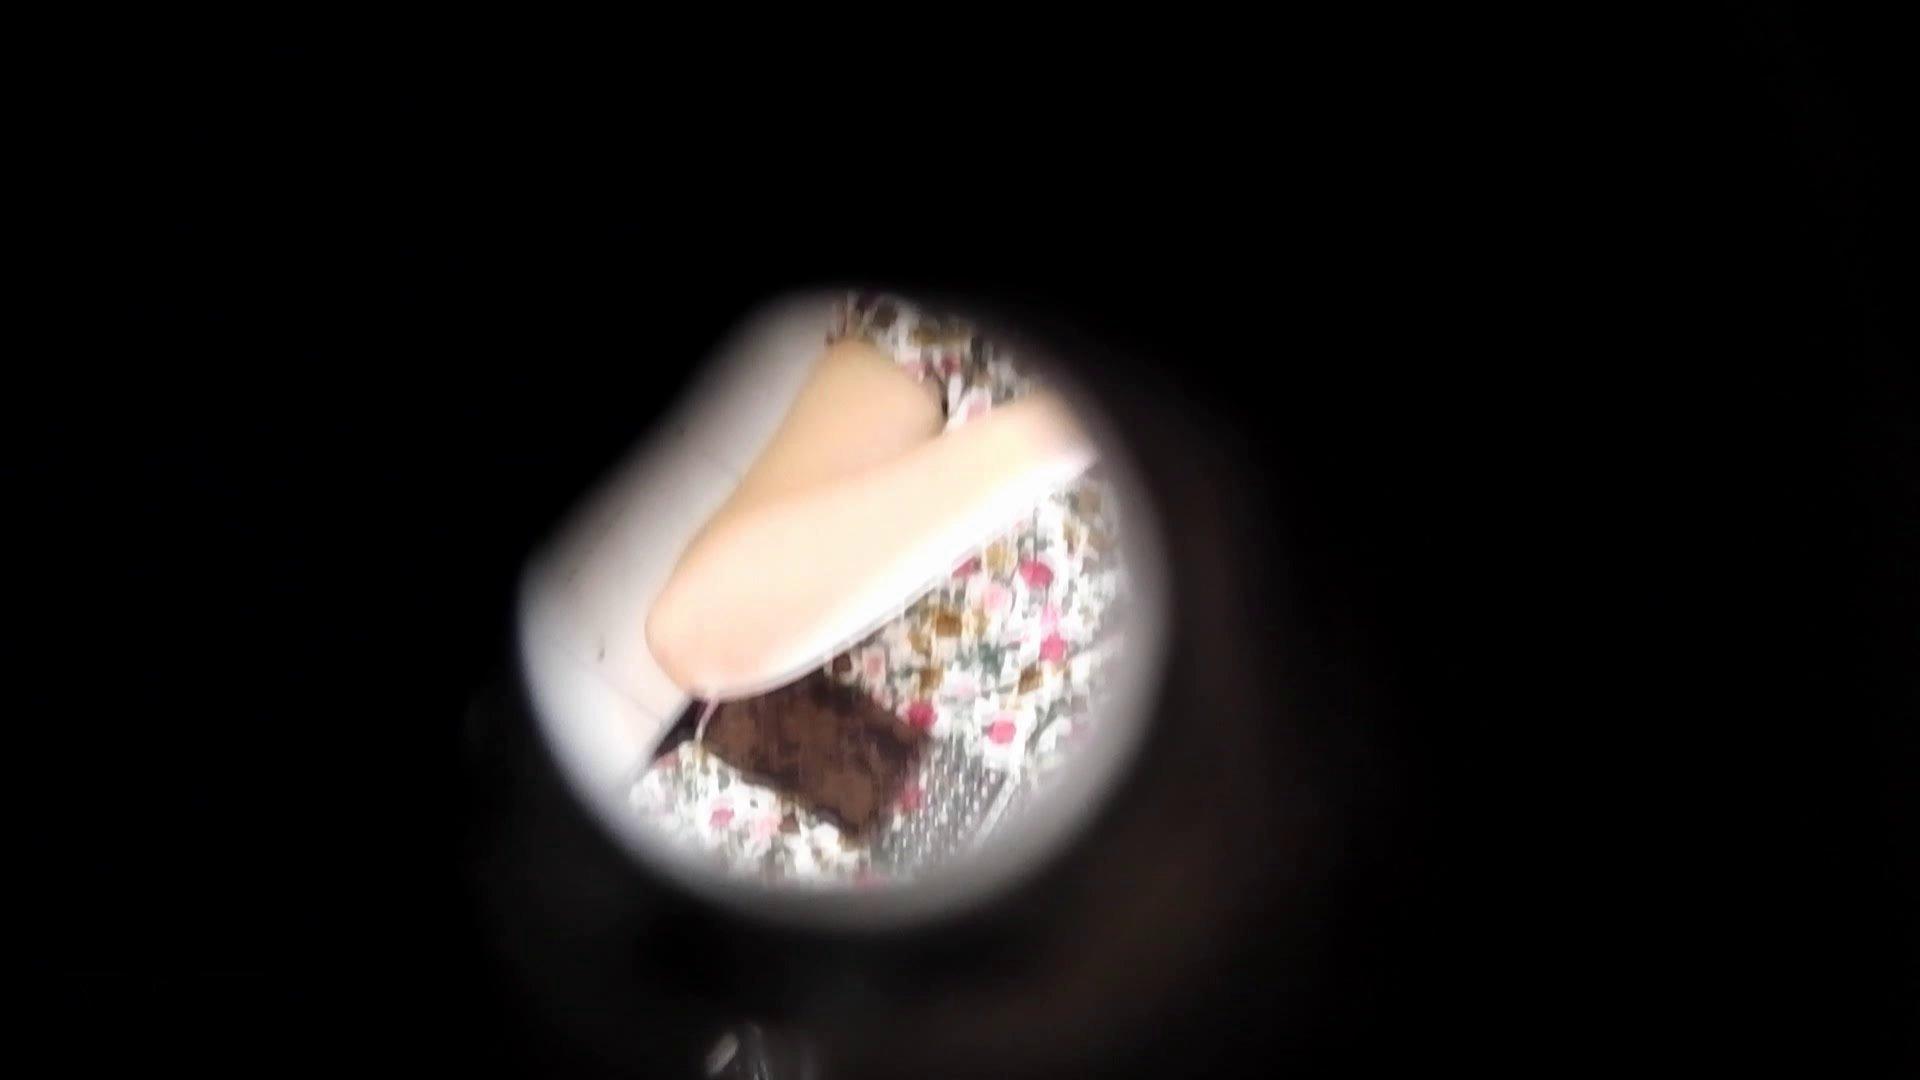 ステーション編 vol.35 必見!!モデル二人組同時狩り エッチなお姉さん   高画質動画  63画像 25